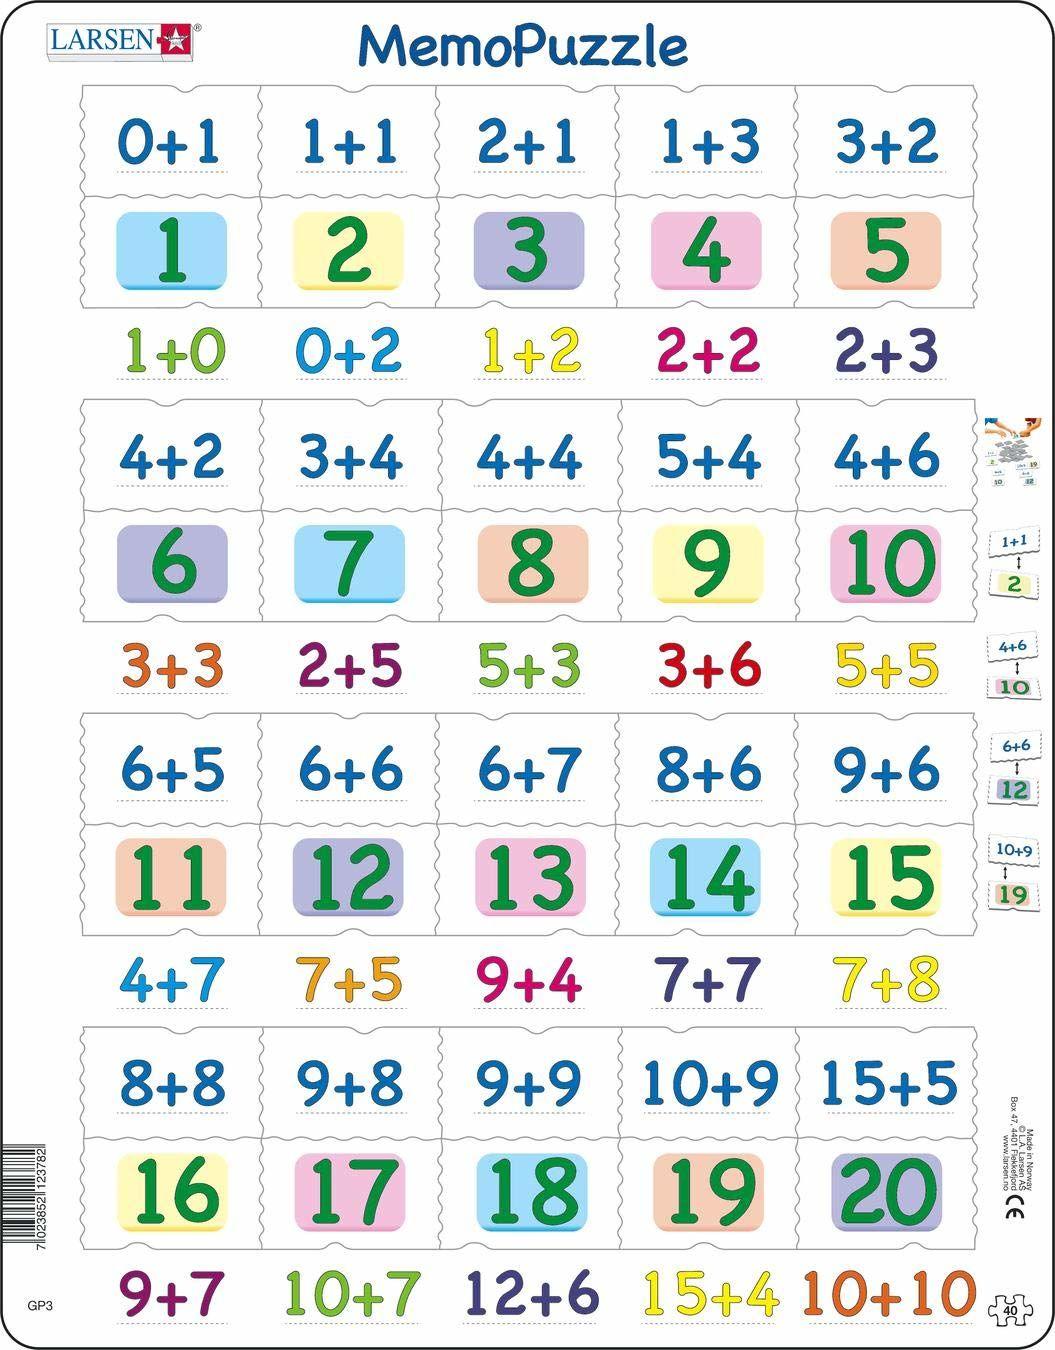 Larsen GP3 MemoPuzzle: Dodawanie z numerami od 0-20, 40 elementów